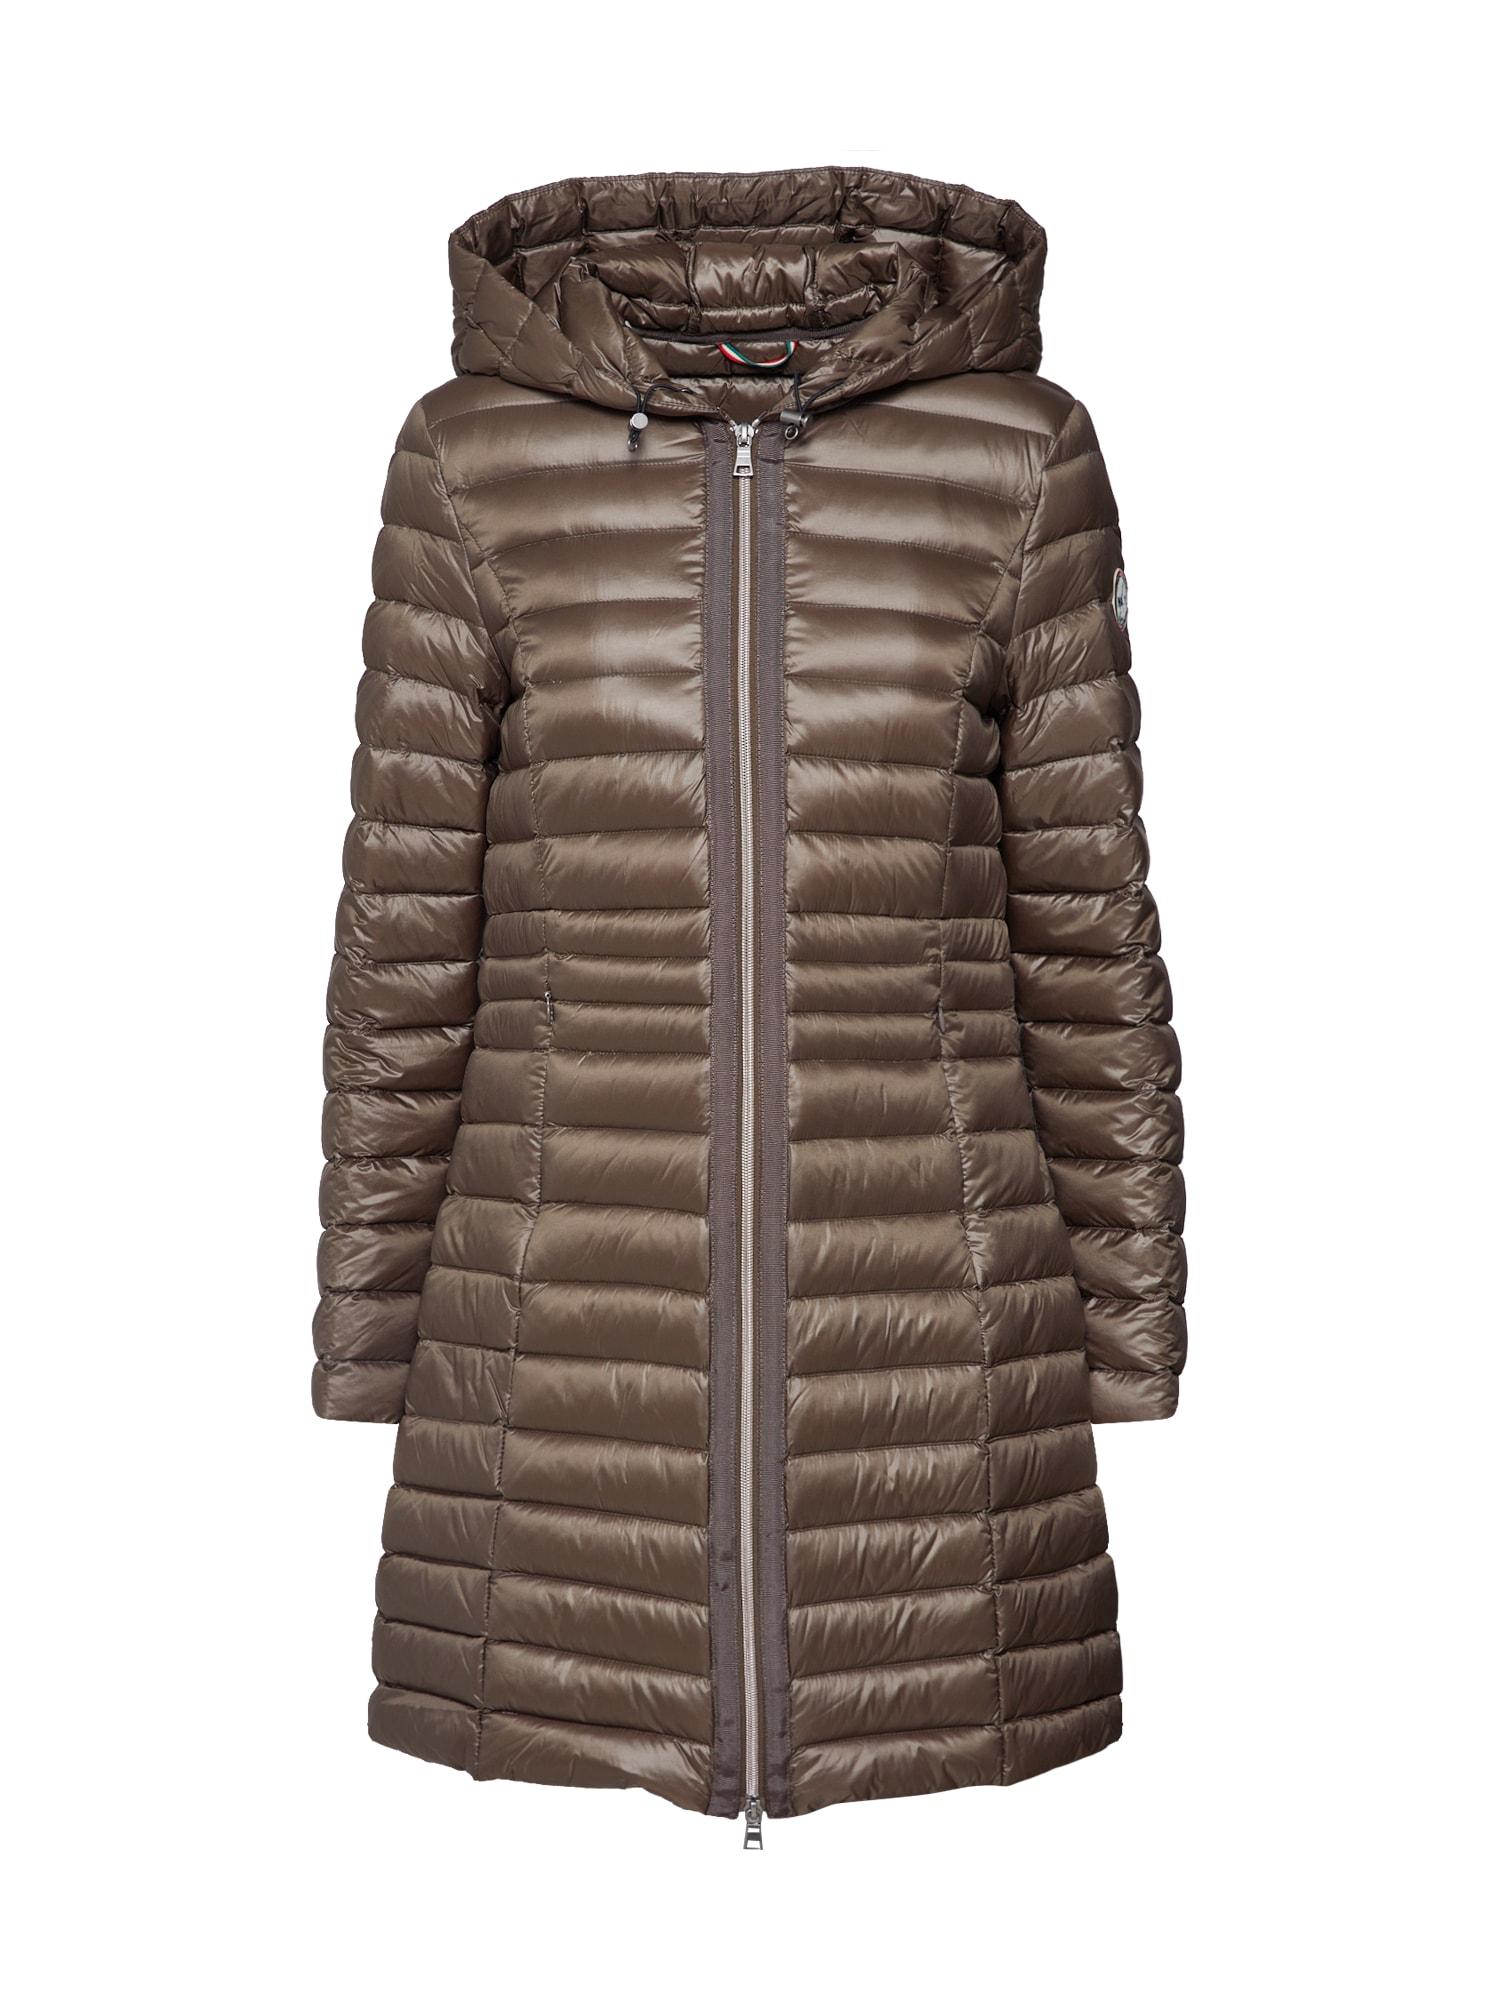 Přechodný kabát SOFIA šedobéžová No. 1 Como